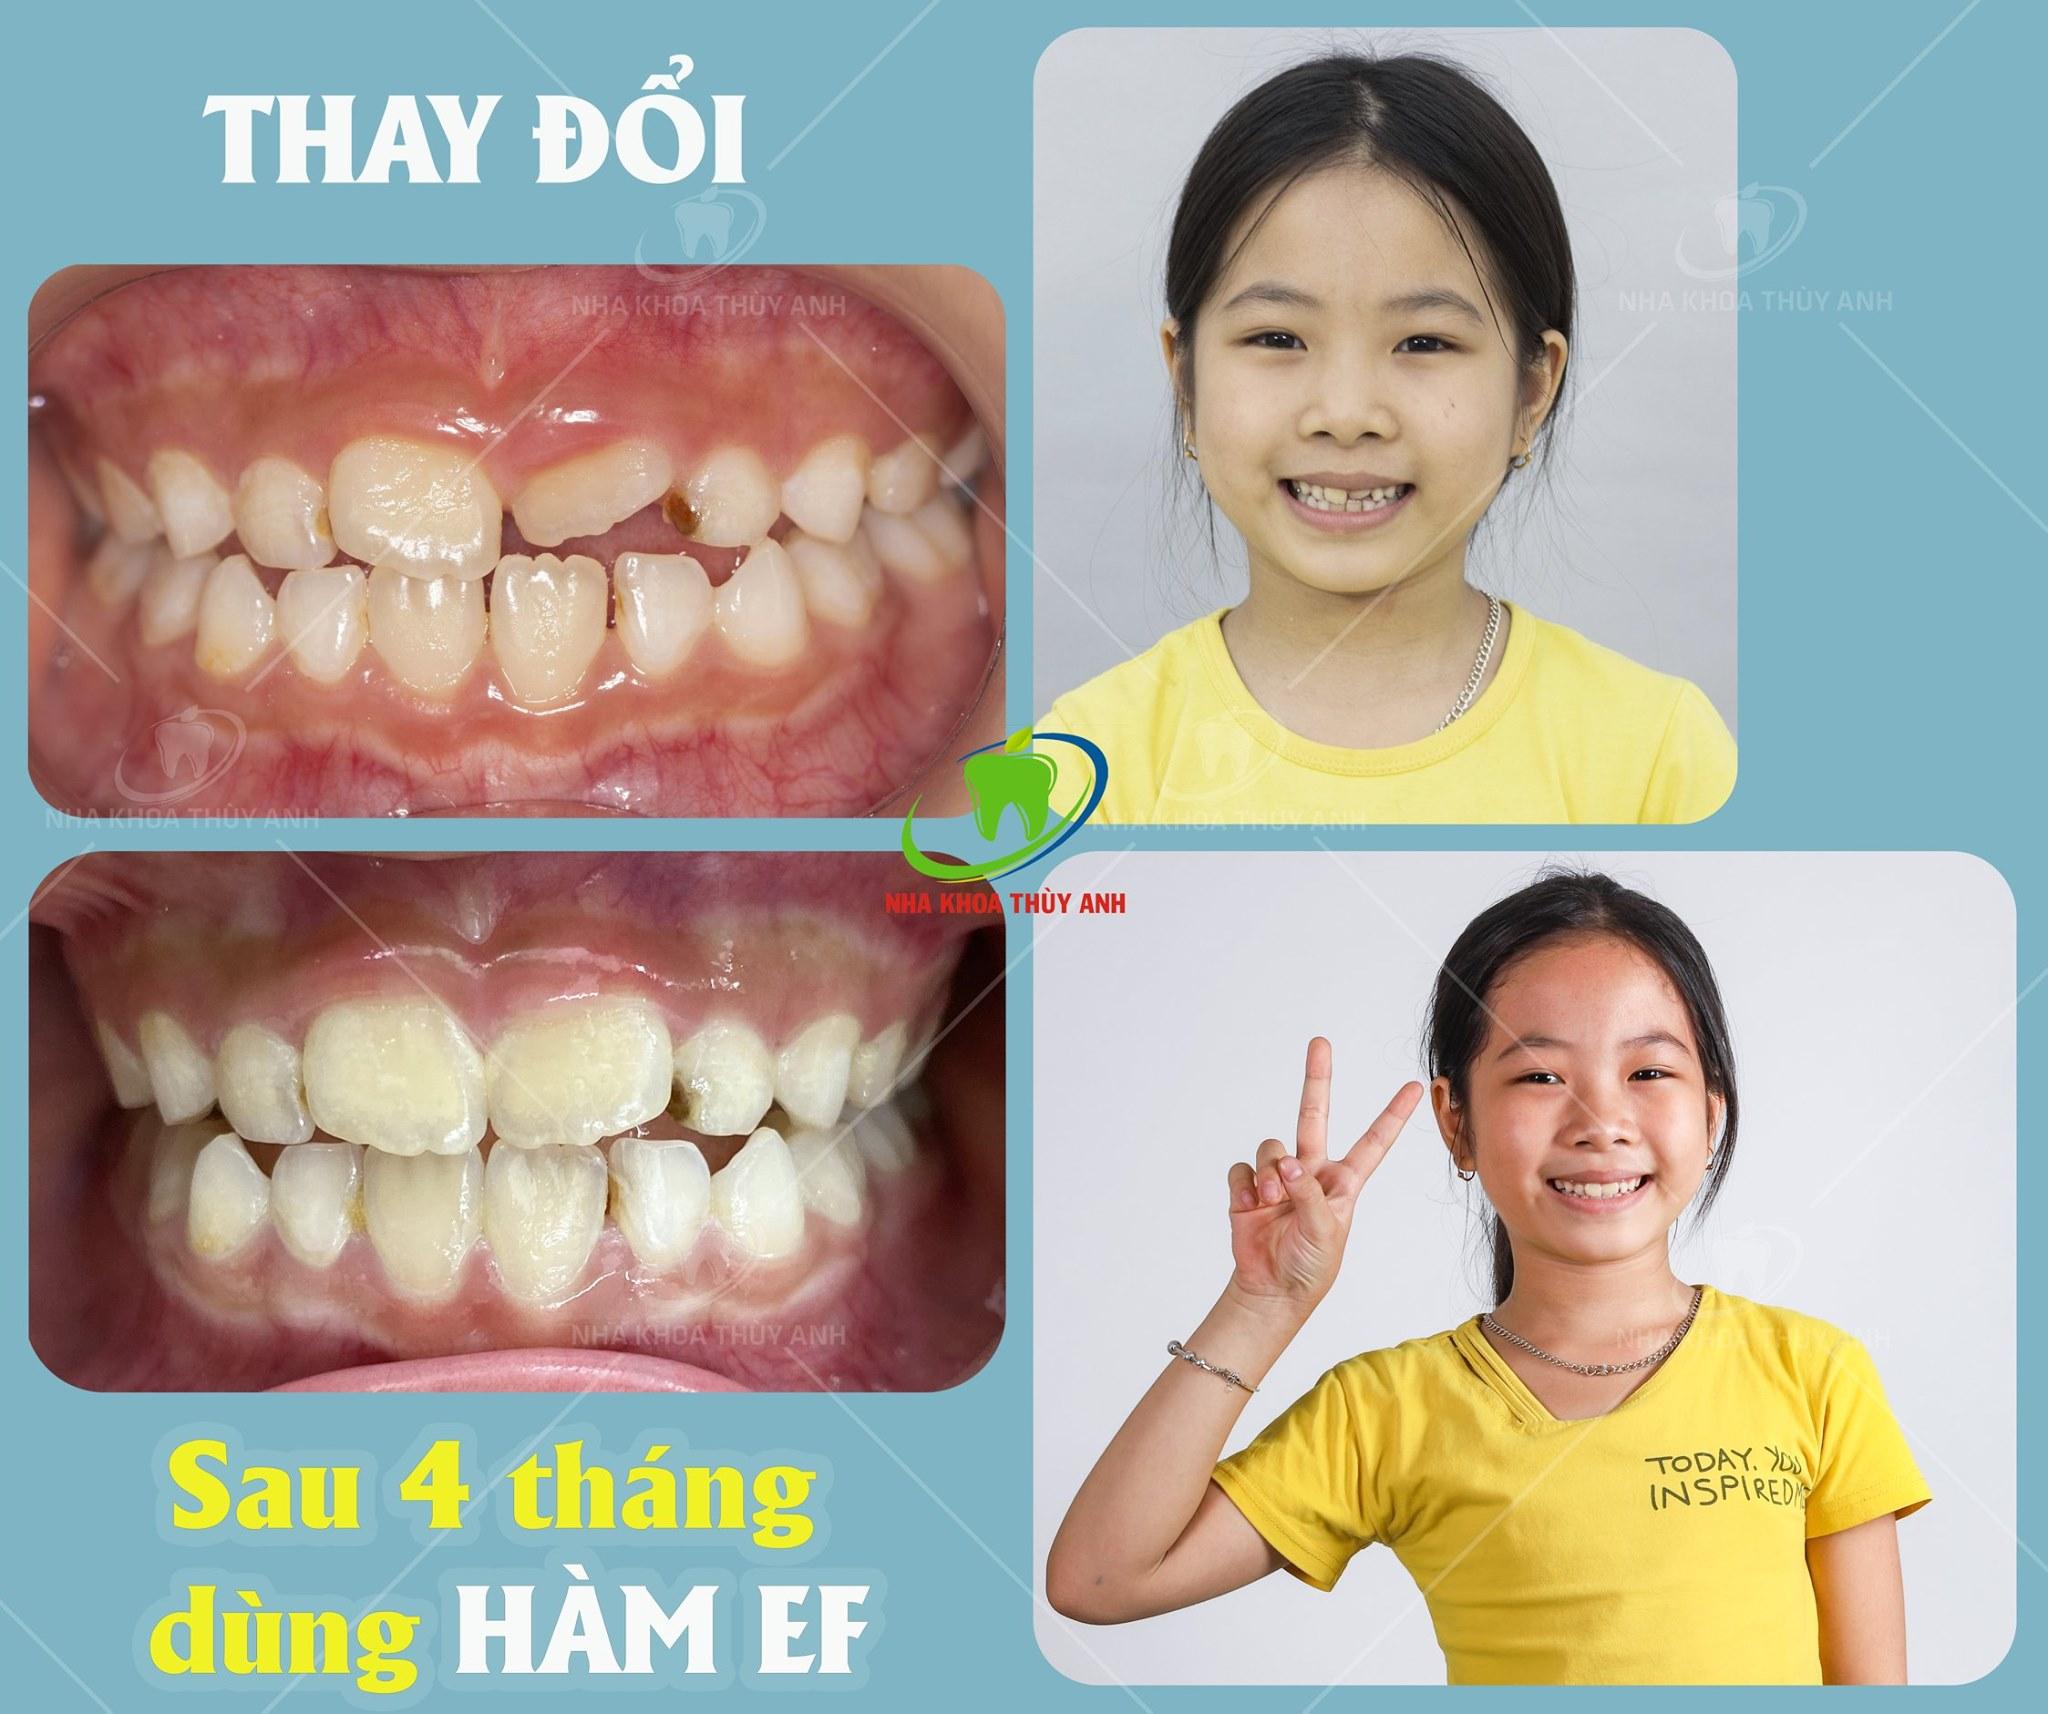 Niềng răng cho trẻ 8 tuổi có quá sớm hay không? Nha khoa Thùy Anh